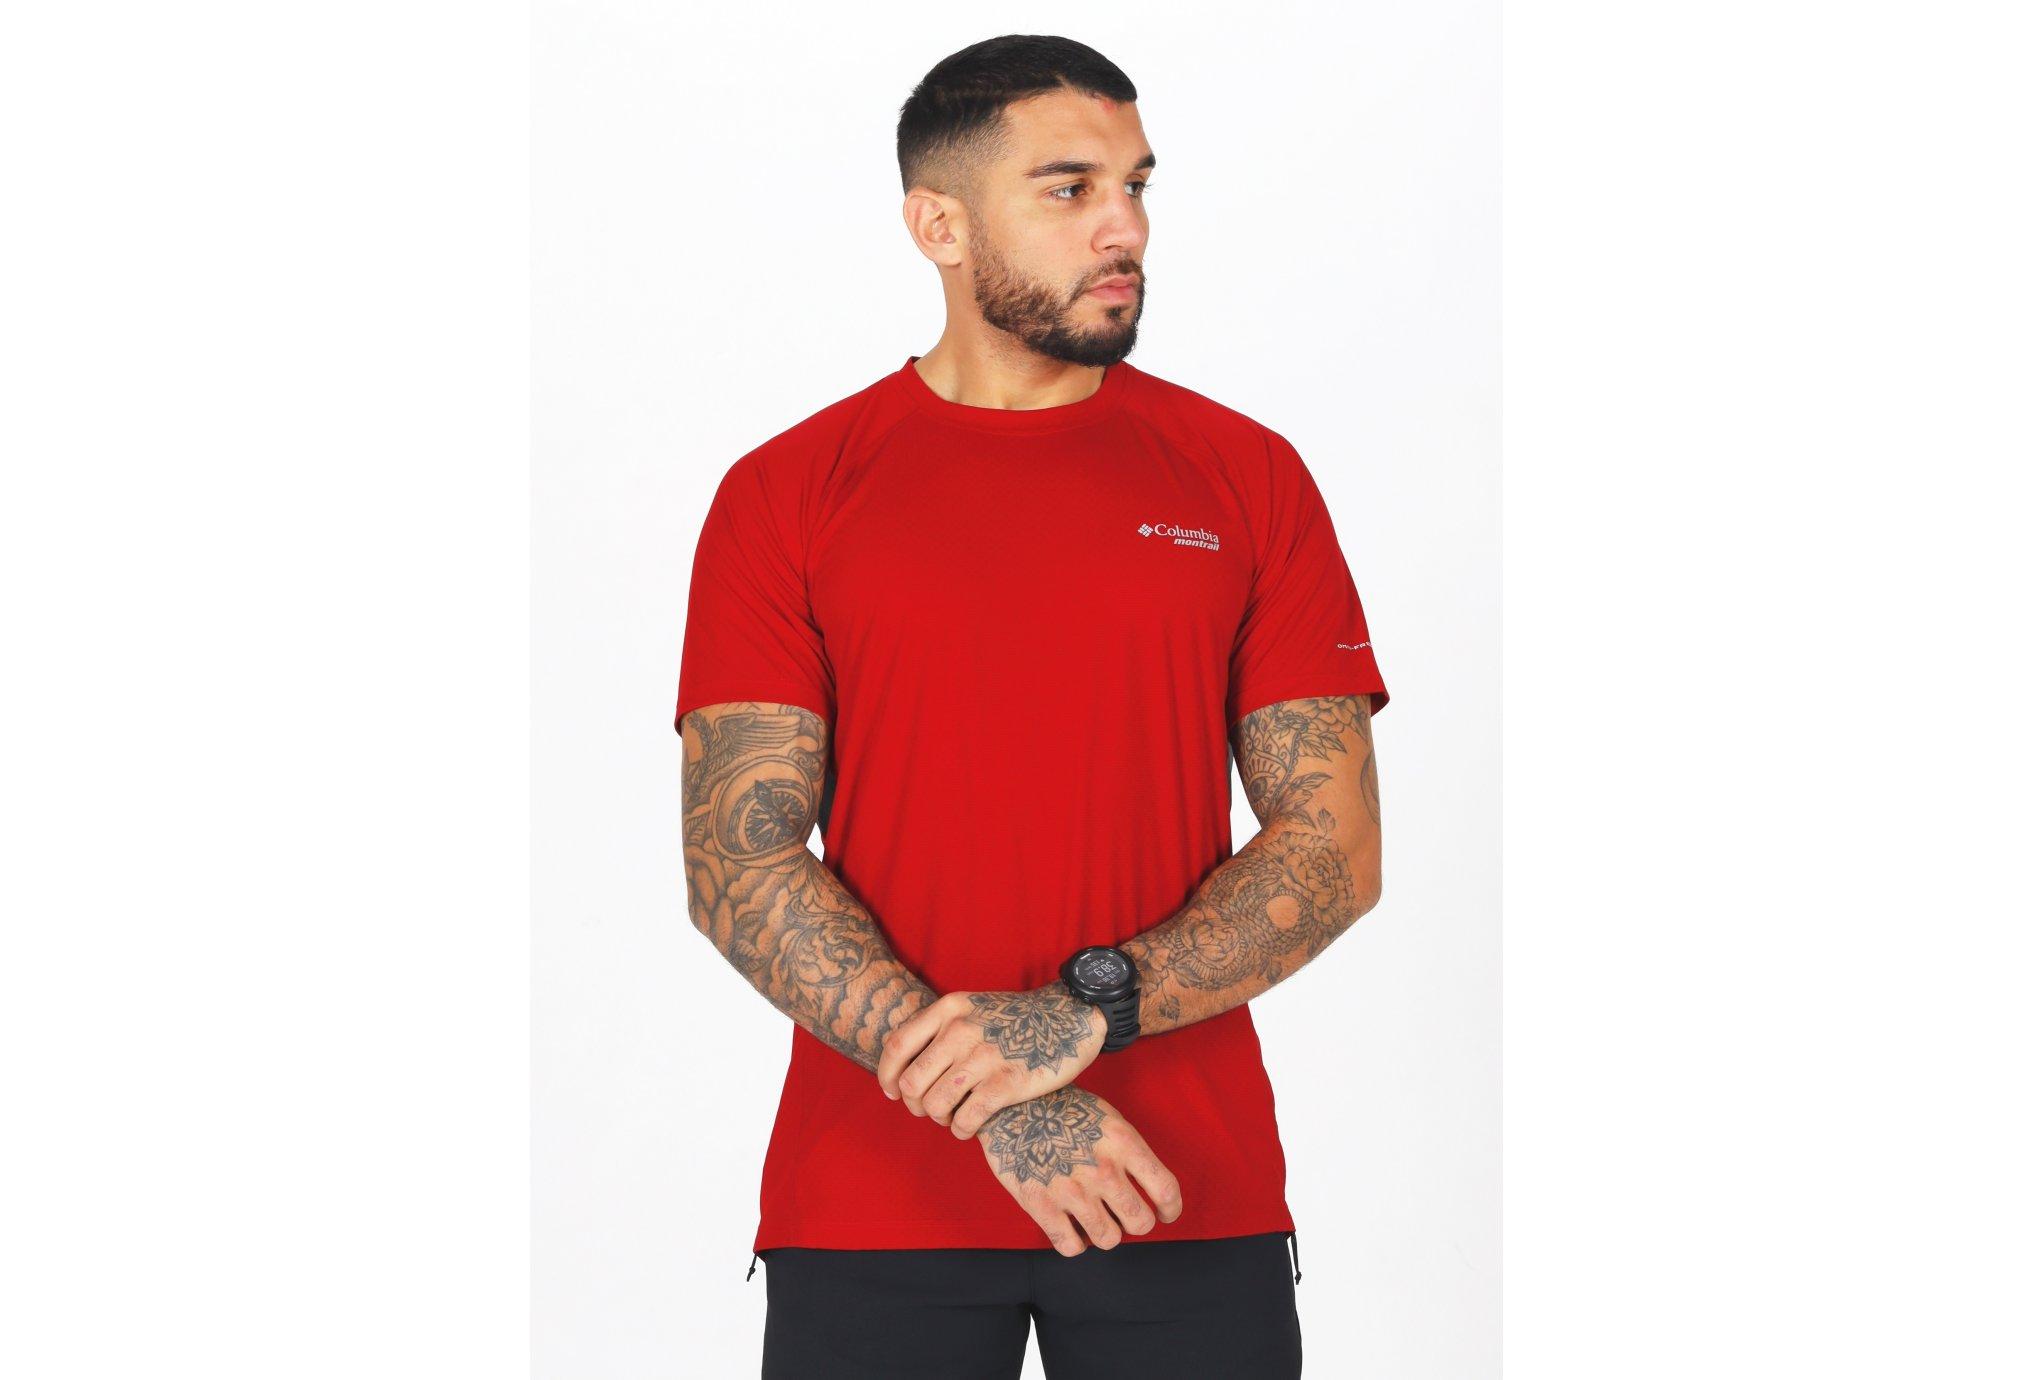 Columbia Montrail Titan Ultra M Diététique Vêtements homme